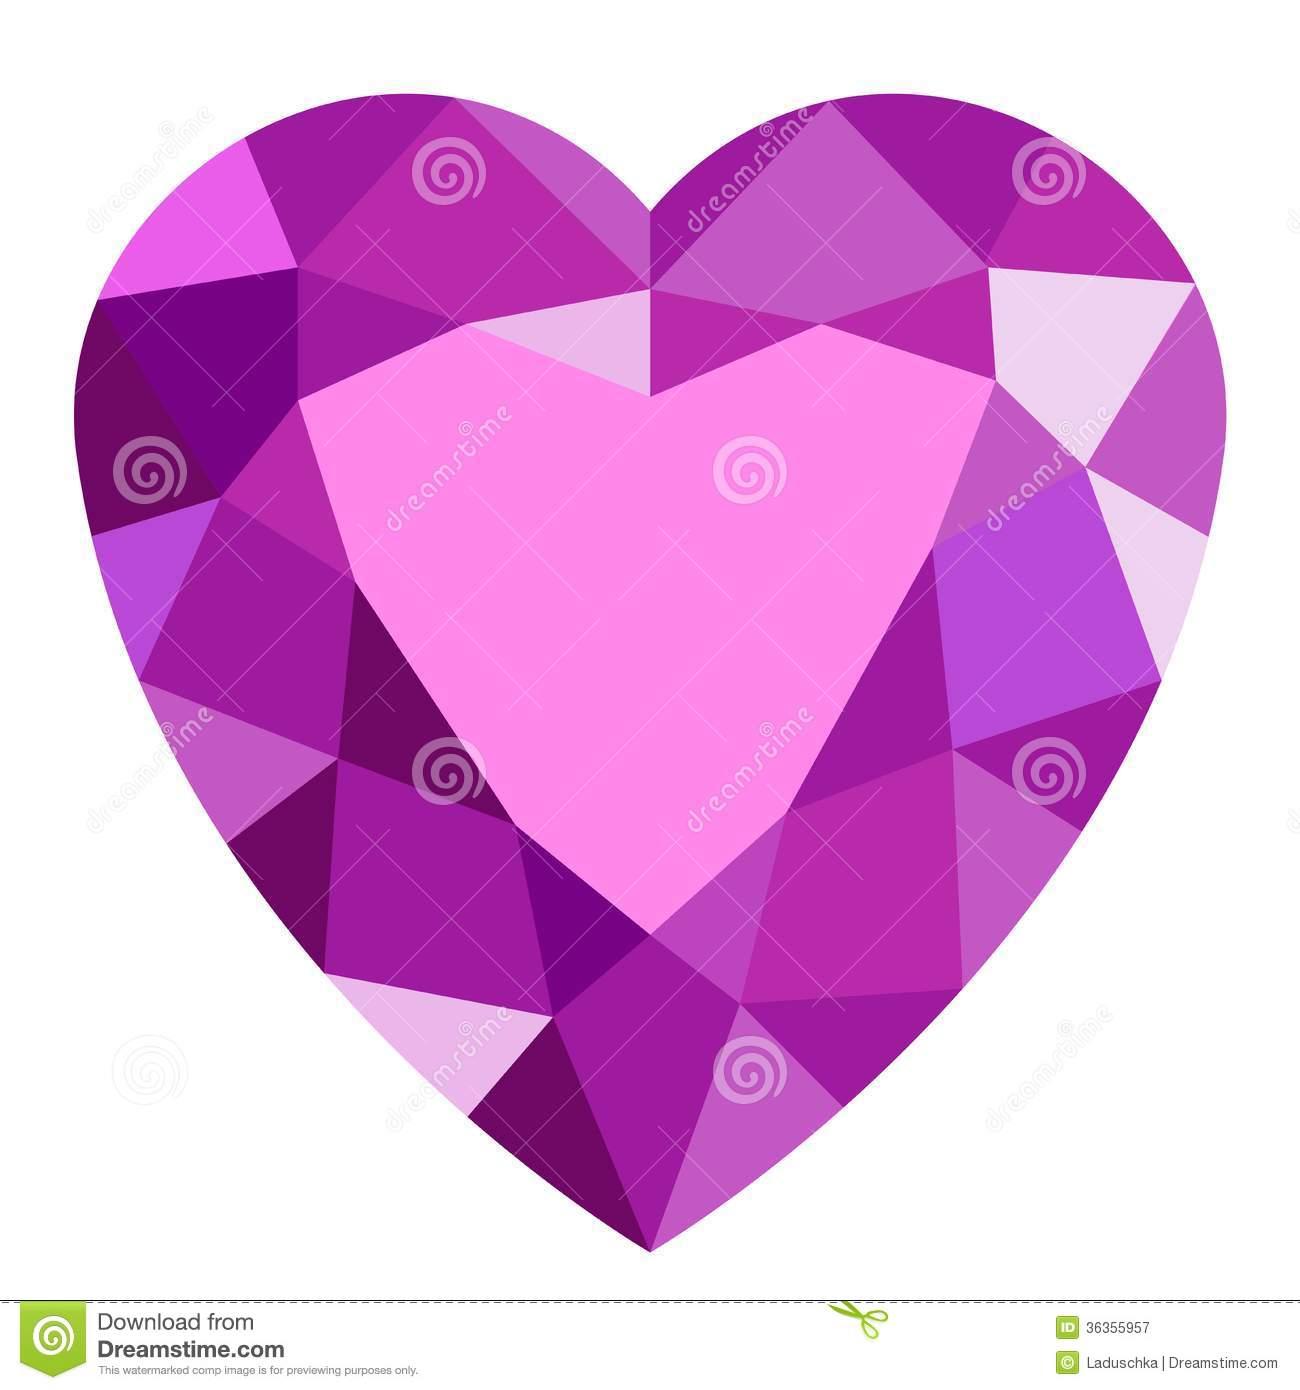 Crystal heart clipart.